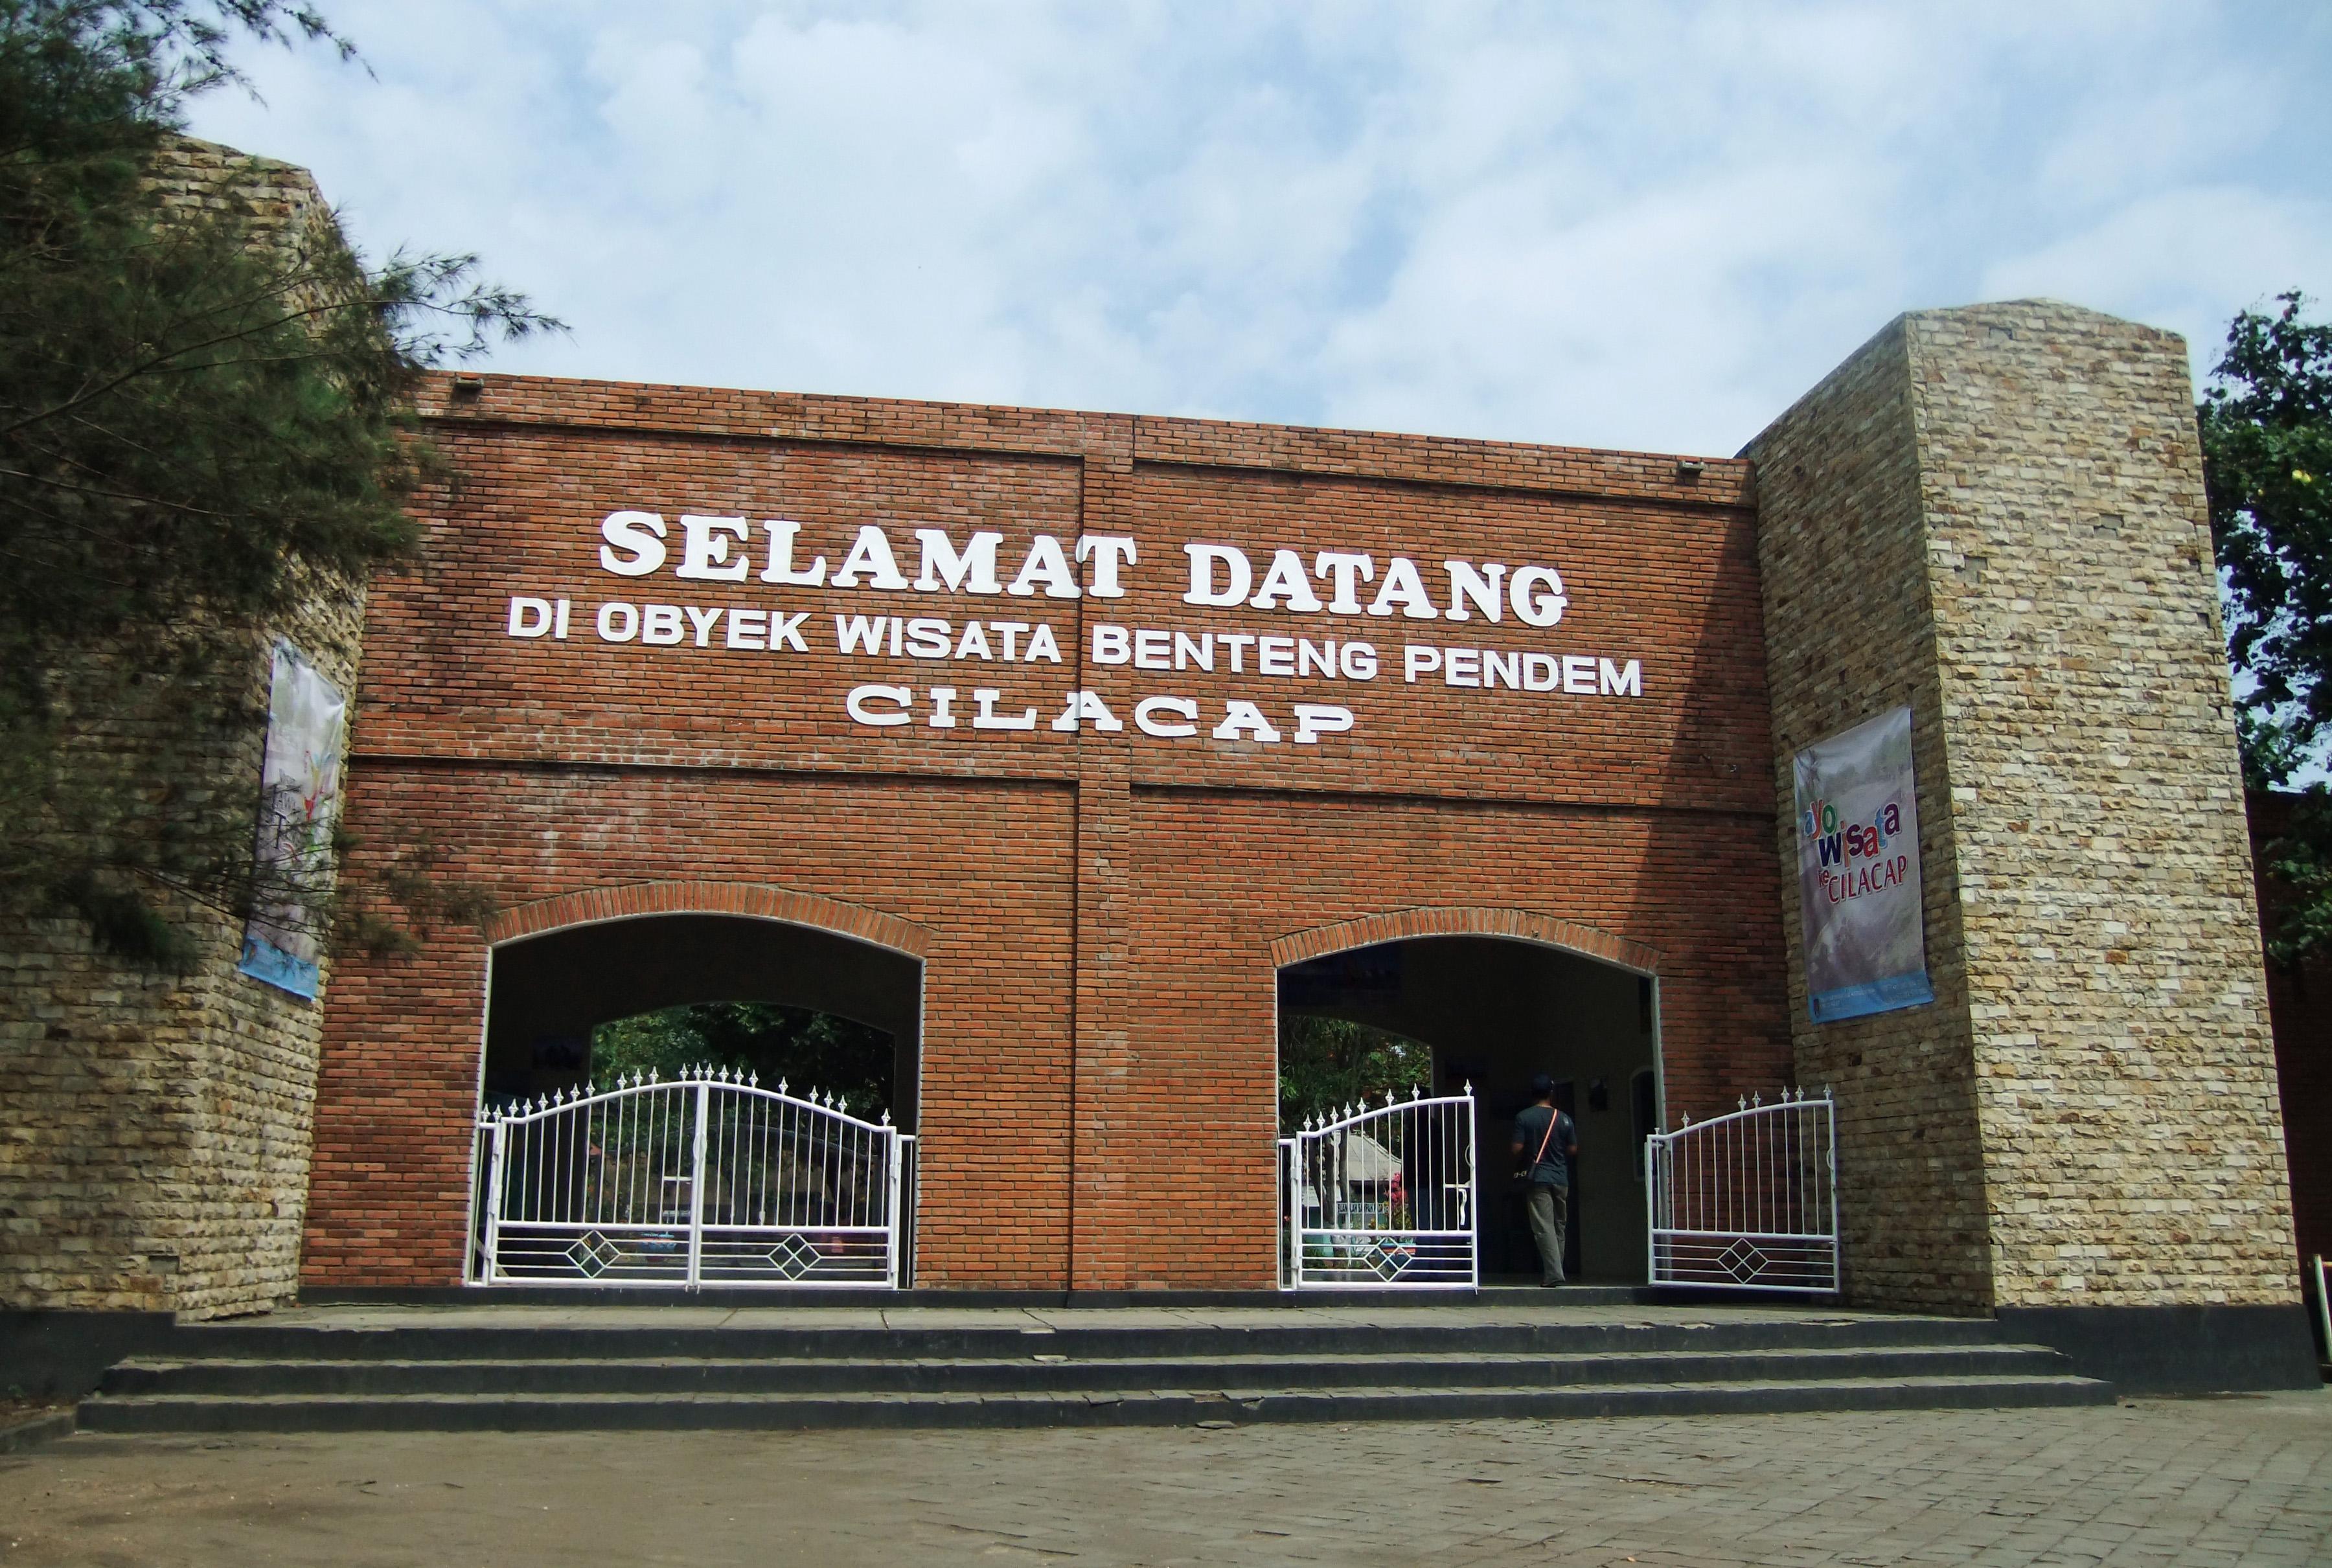 Gerbang pintu masuk kawasan wisata Benteng Pendem dibuat dengan menyerupai bangunan dengan arsitektur Eropa. | Foto : Wikipedia